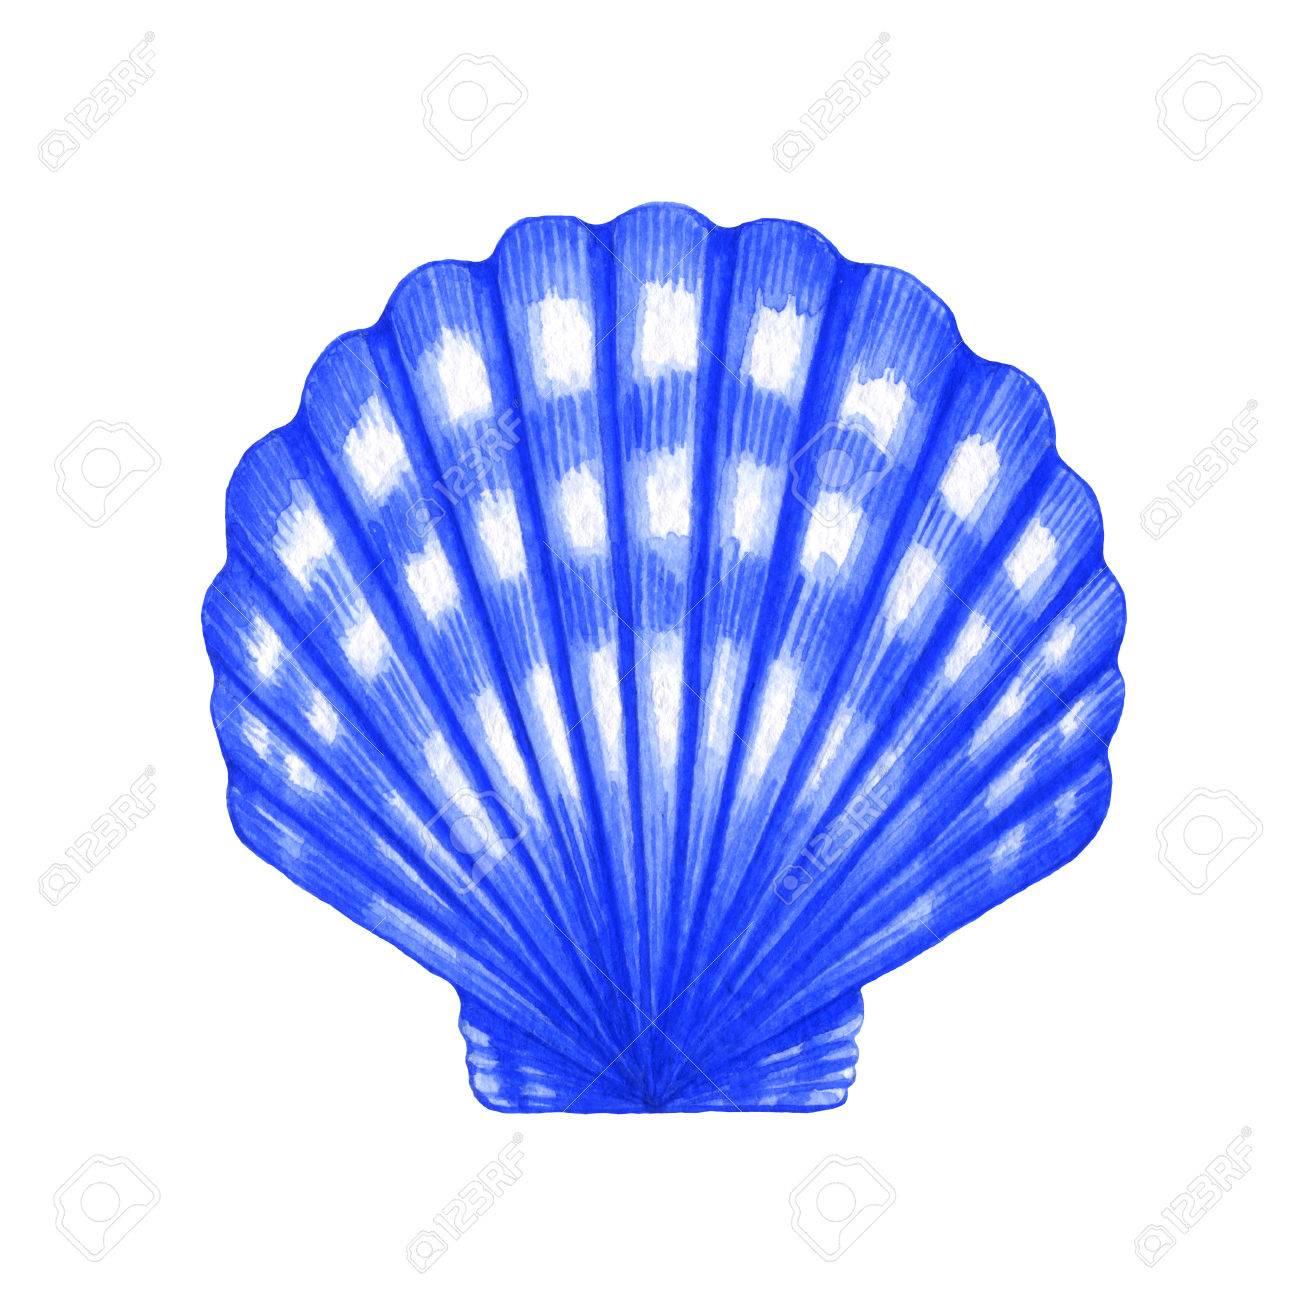 白い背景の上にホタテ貝殻の水彩画のイラスト の写真素材画像素材